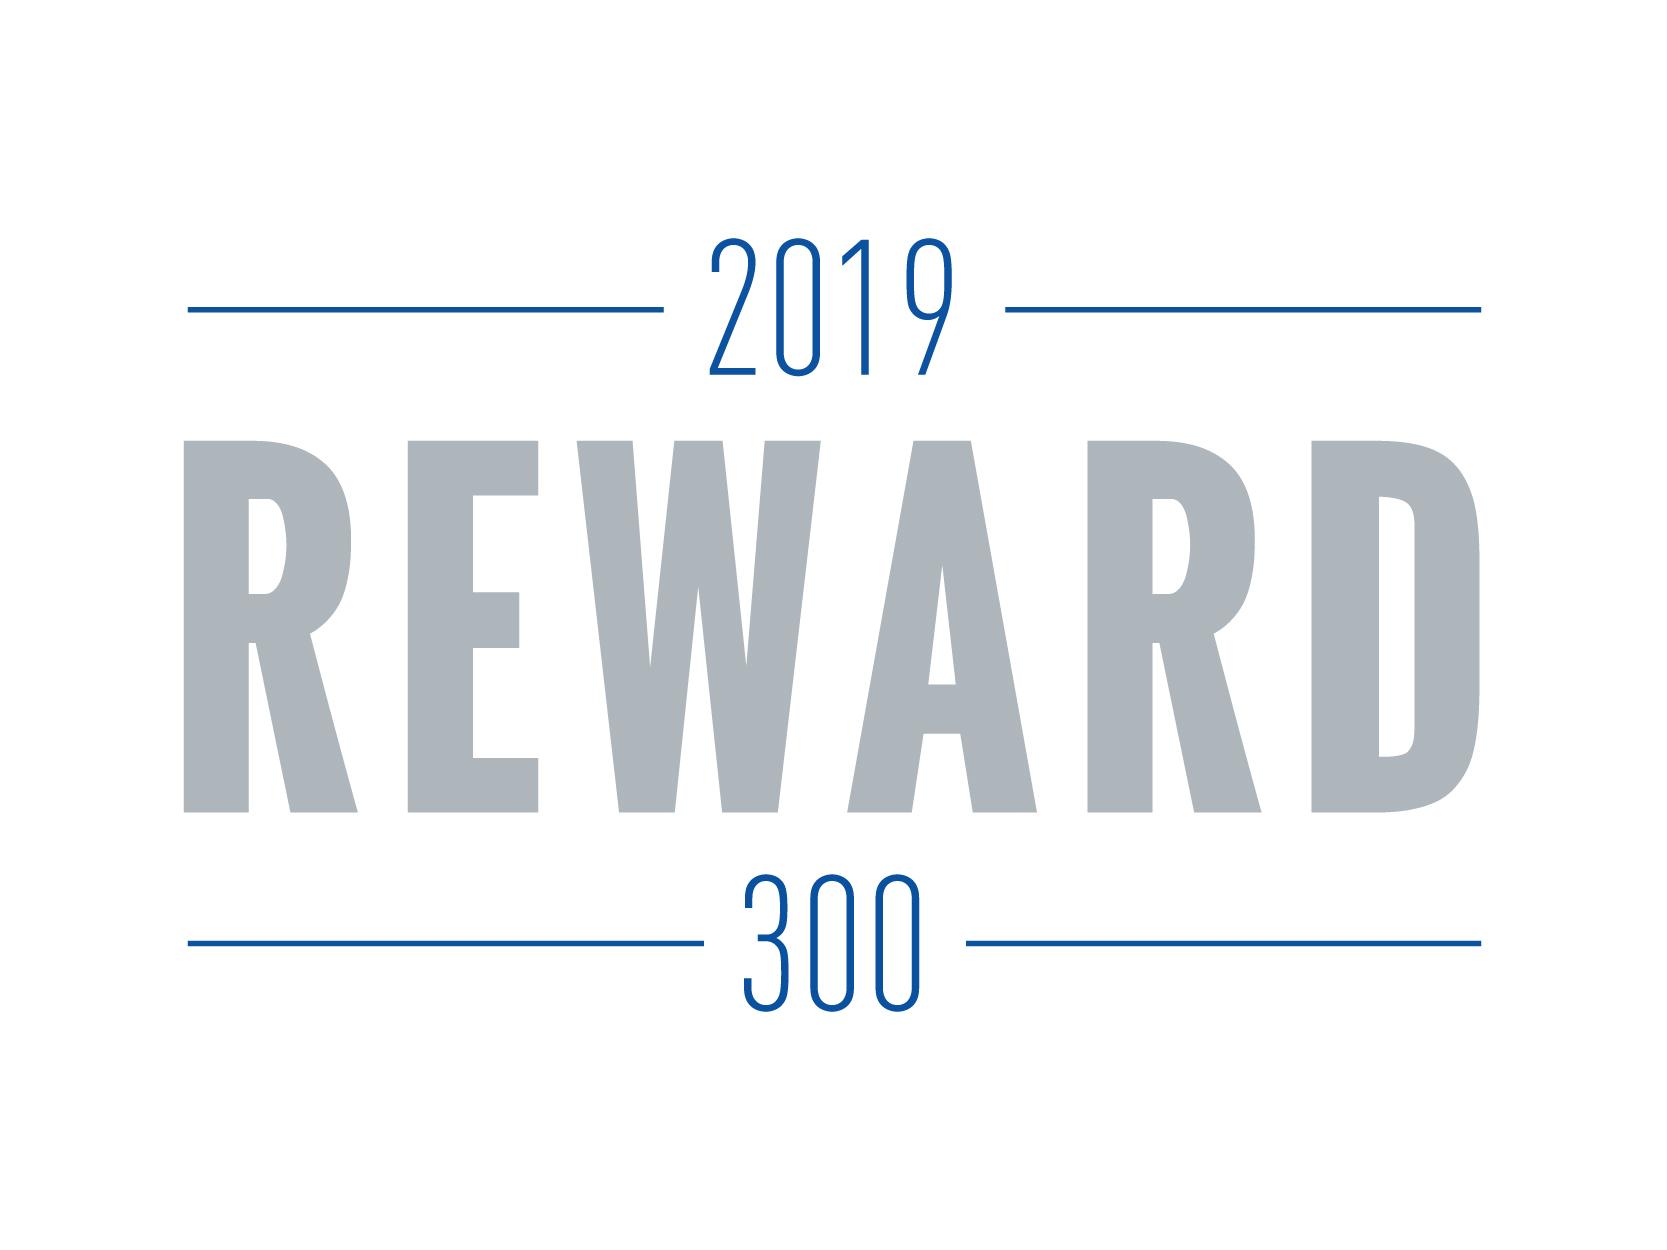 Reward 300 - index of influence